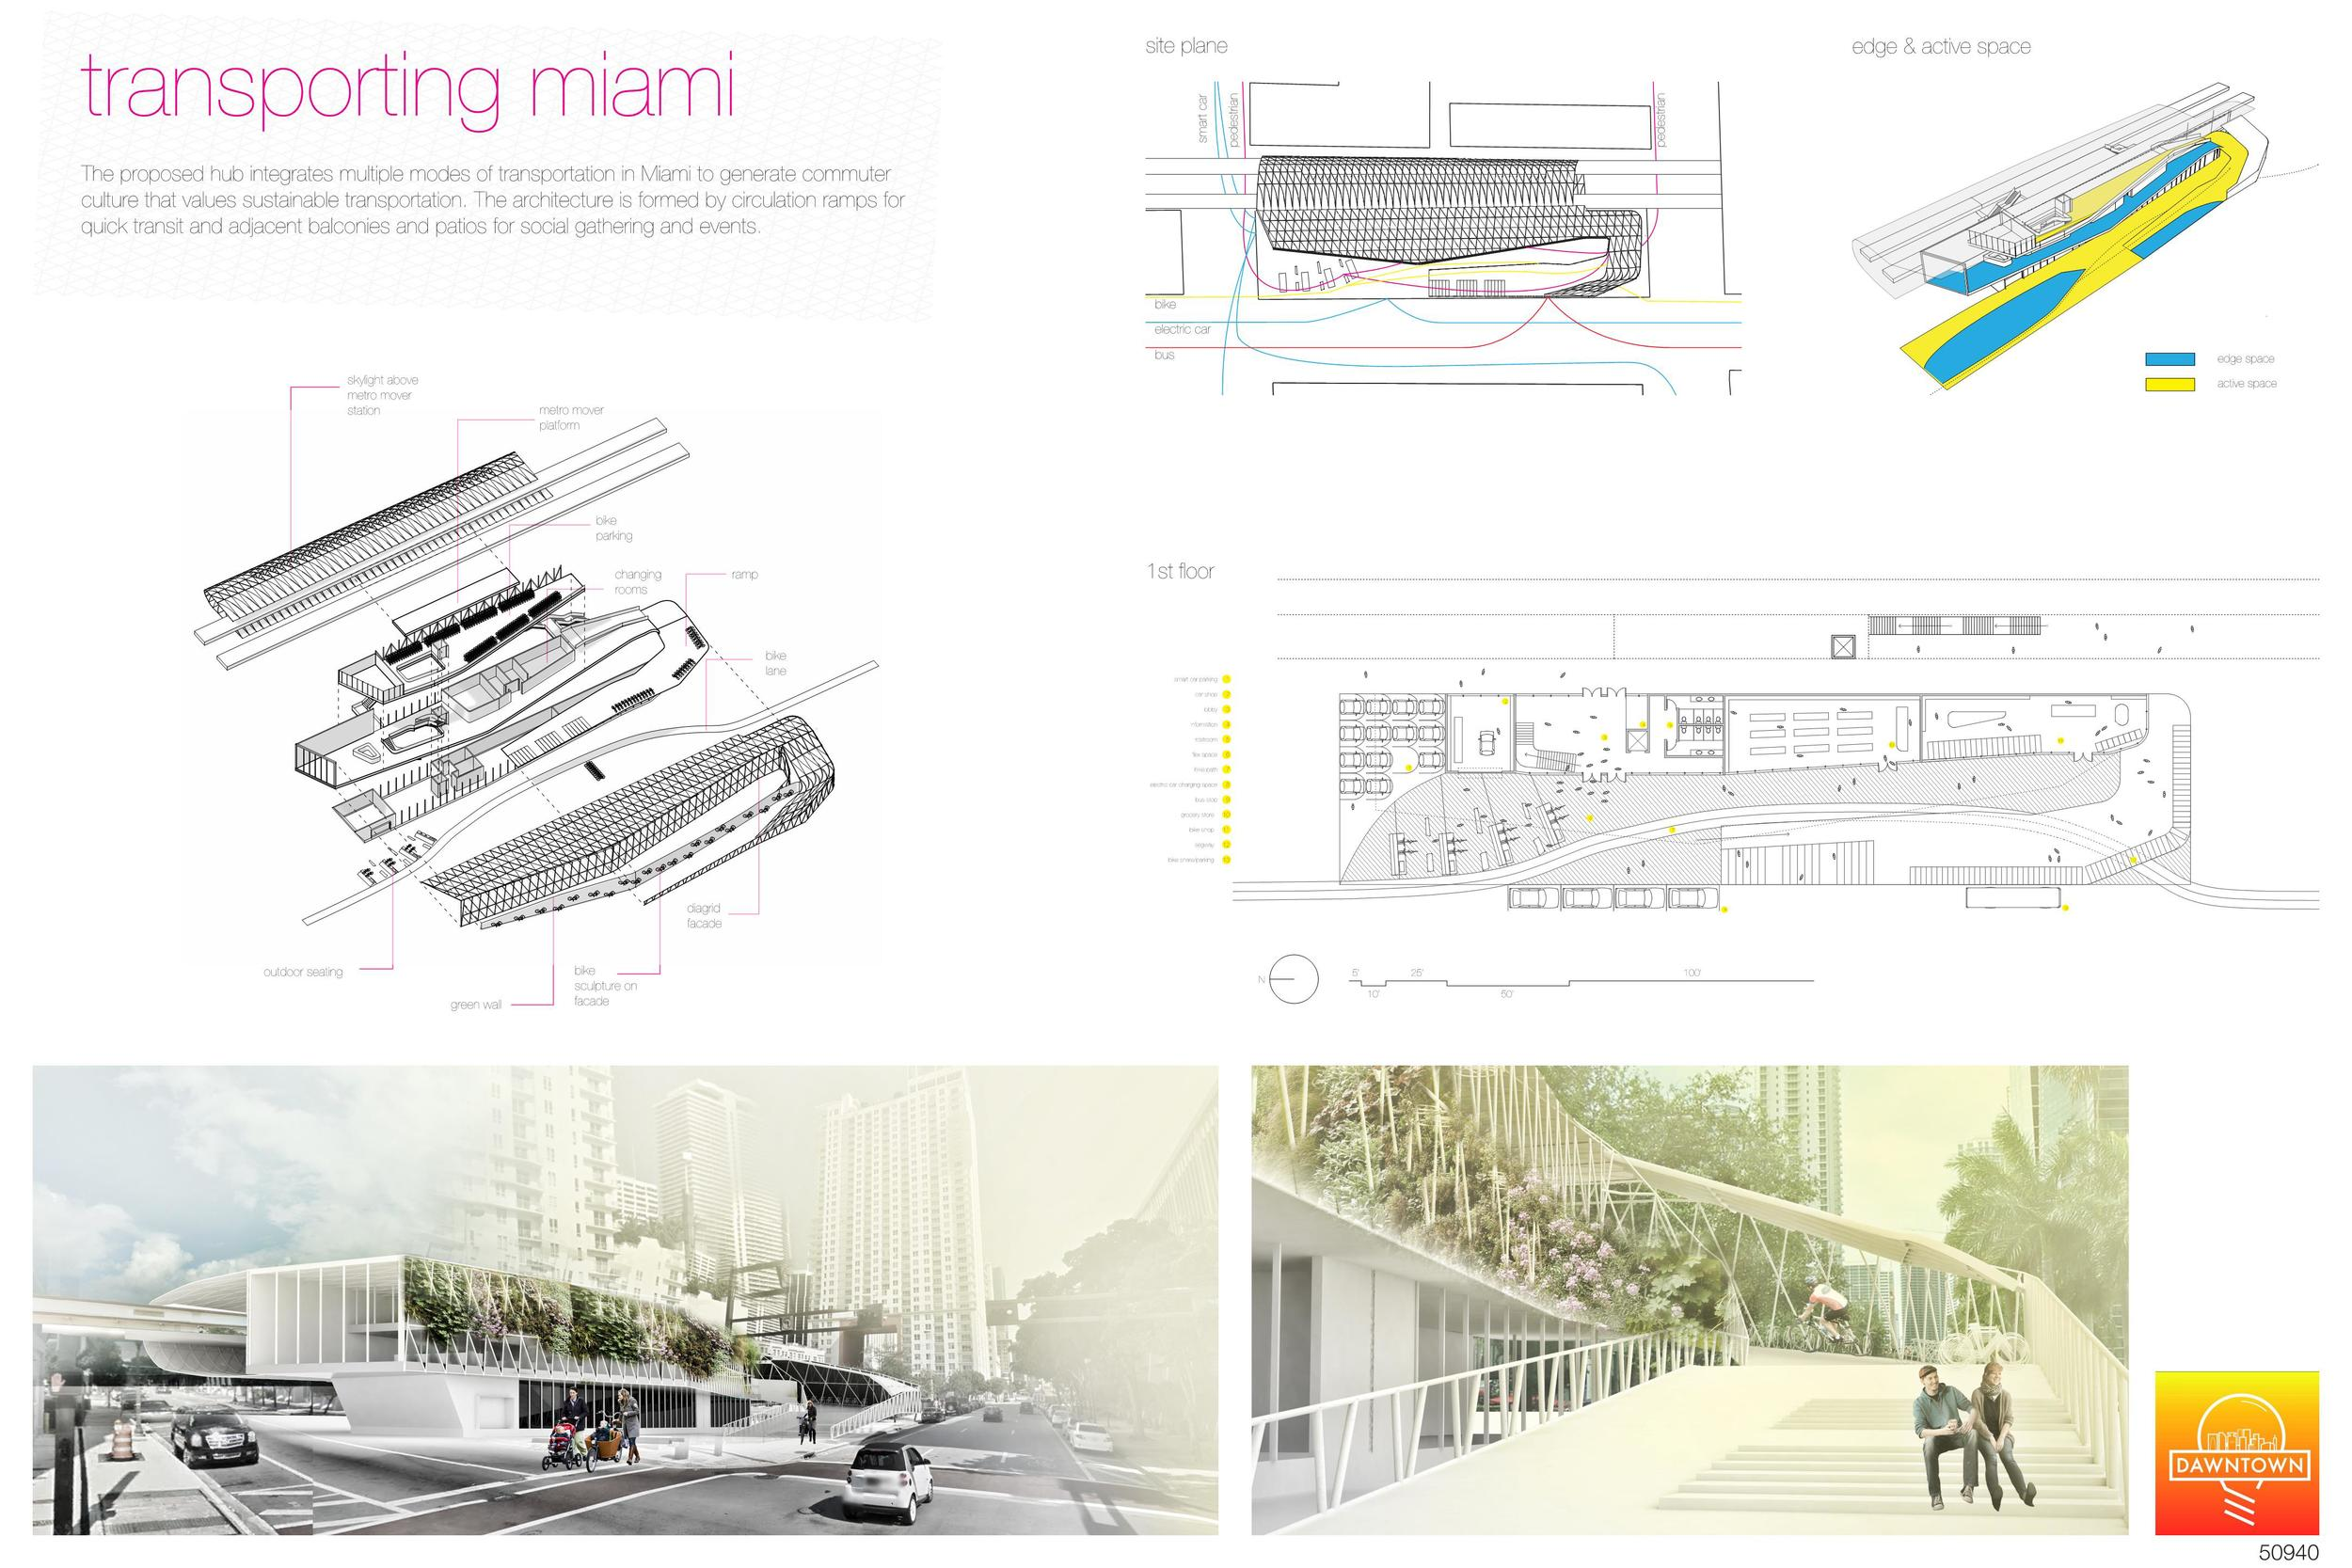 451_Transporting Miami Page 001.jpg